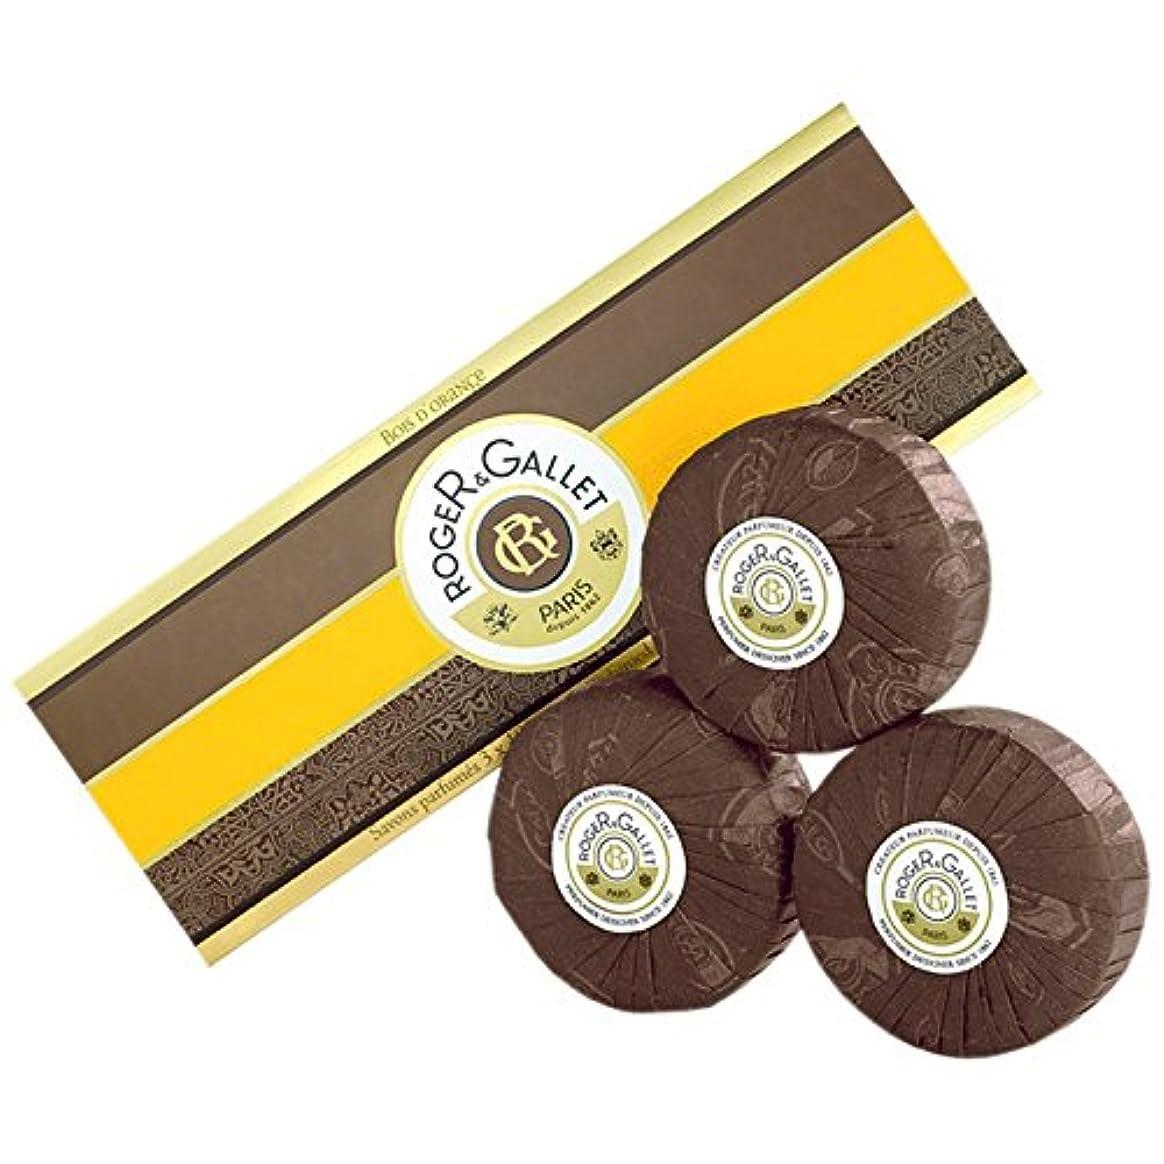 拡張愛するマーティンルーサーキングジュニアロジャー&GalletのBoisのドールオレンジソープ3つのX 100グラム (Roger & Gallet) (x6) - Roger & Gallet Bois D'Orange Soap 3 x 100g (Pack...